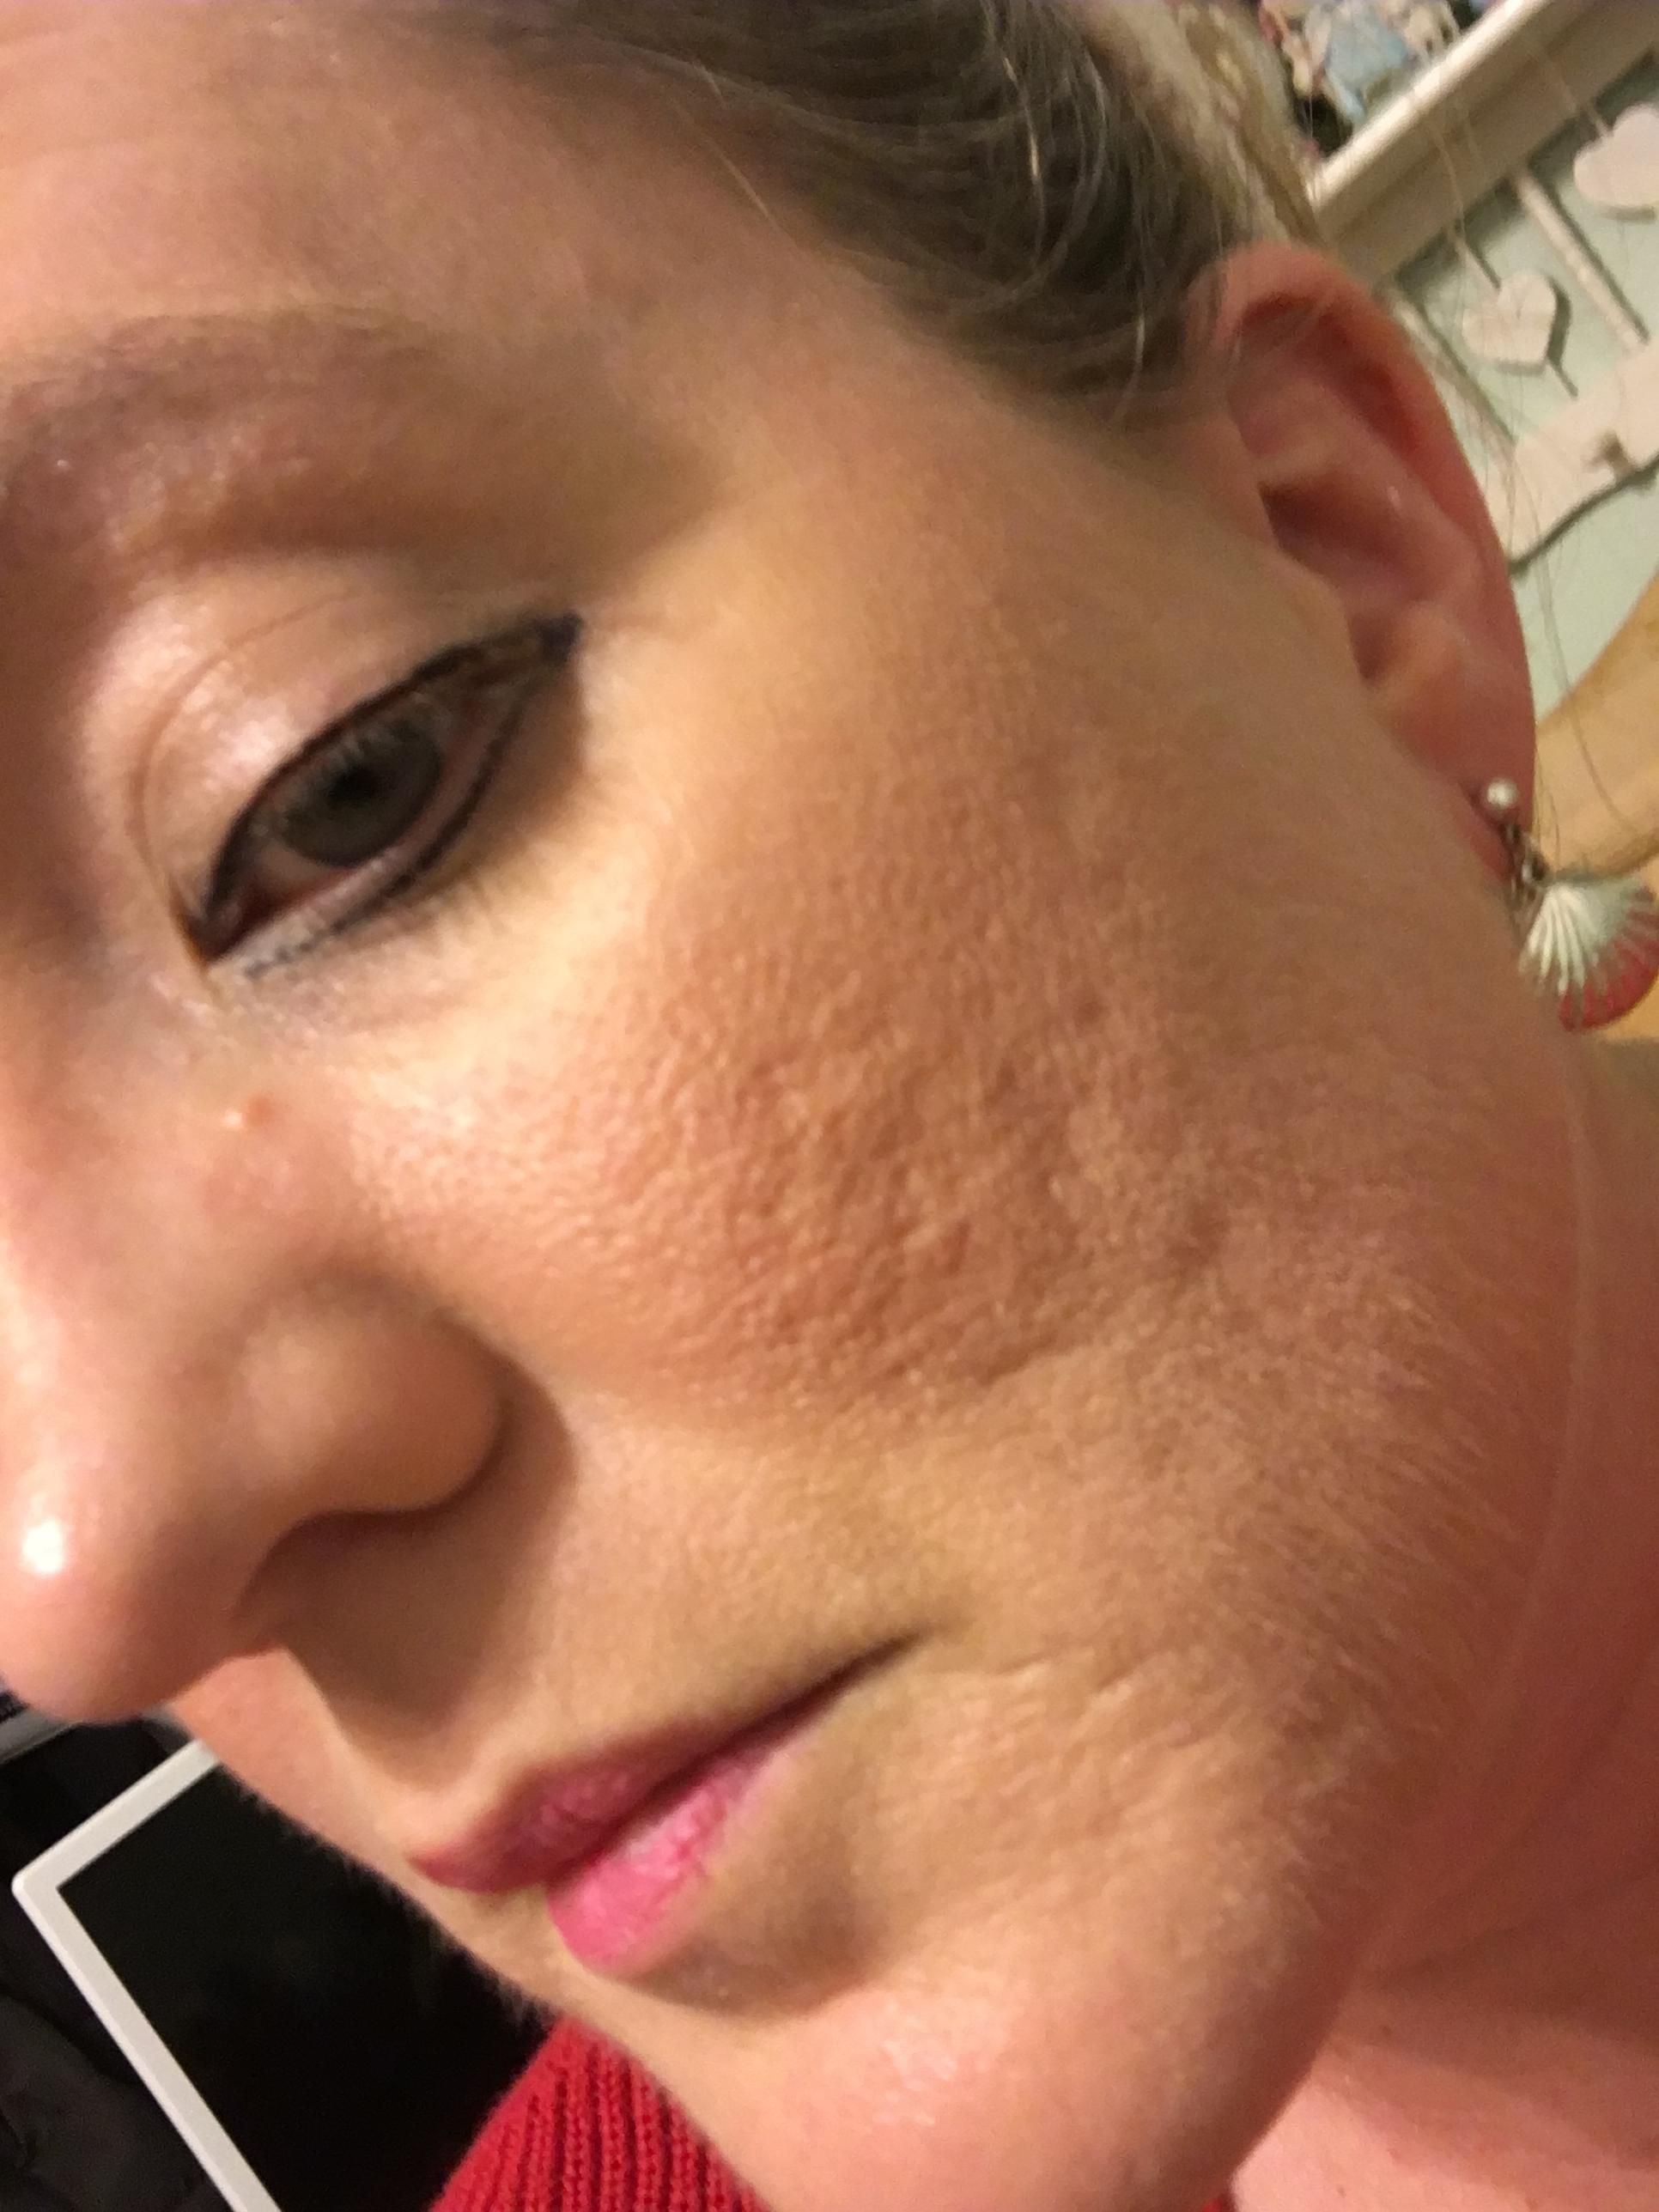 Boxcar Shaped Acne Scar